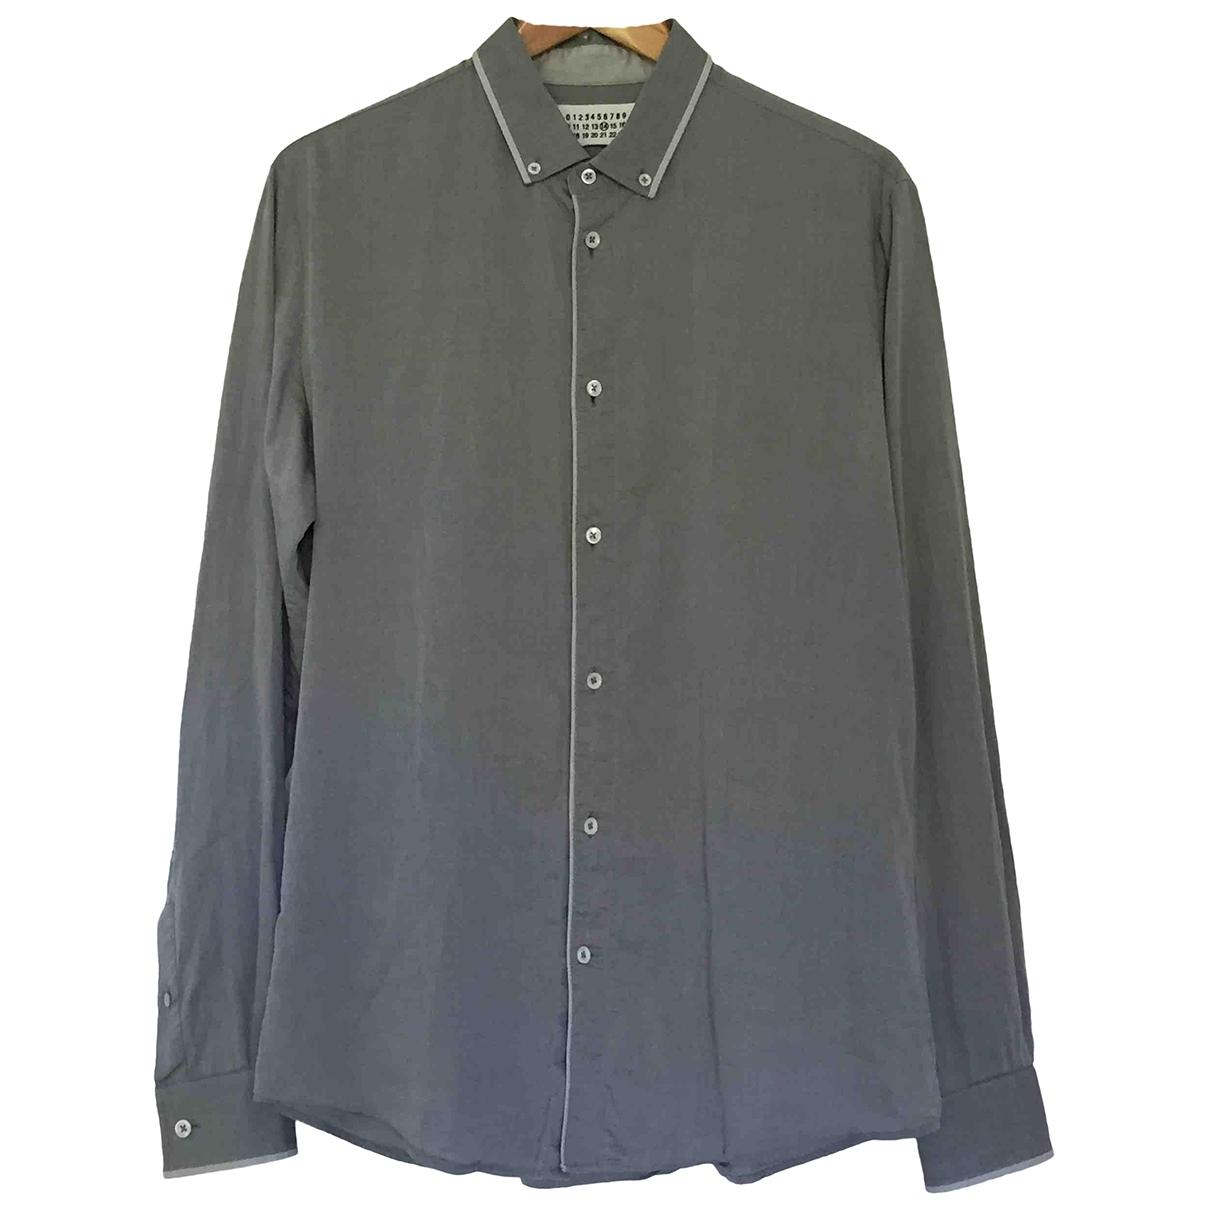 Maison Martin Margiela - Chemises   pour homme en coton - gris